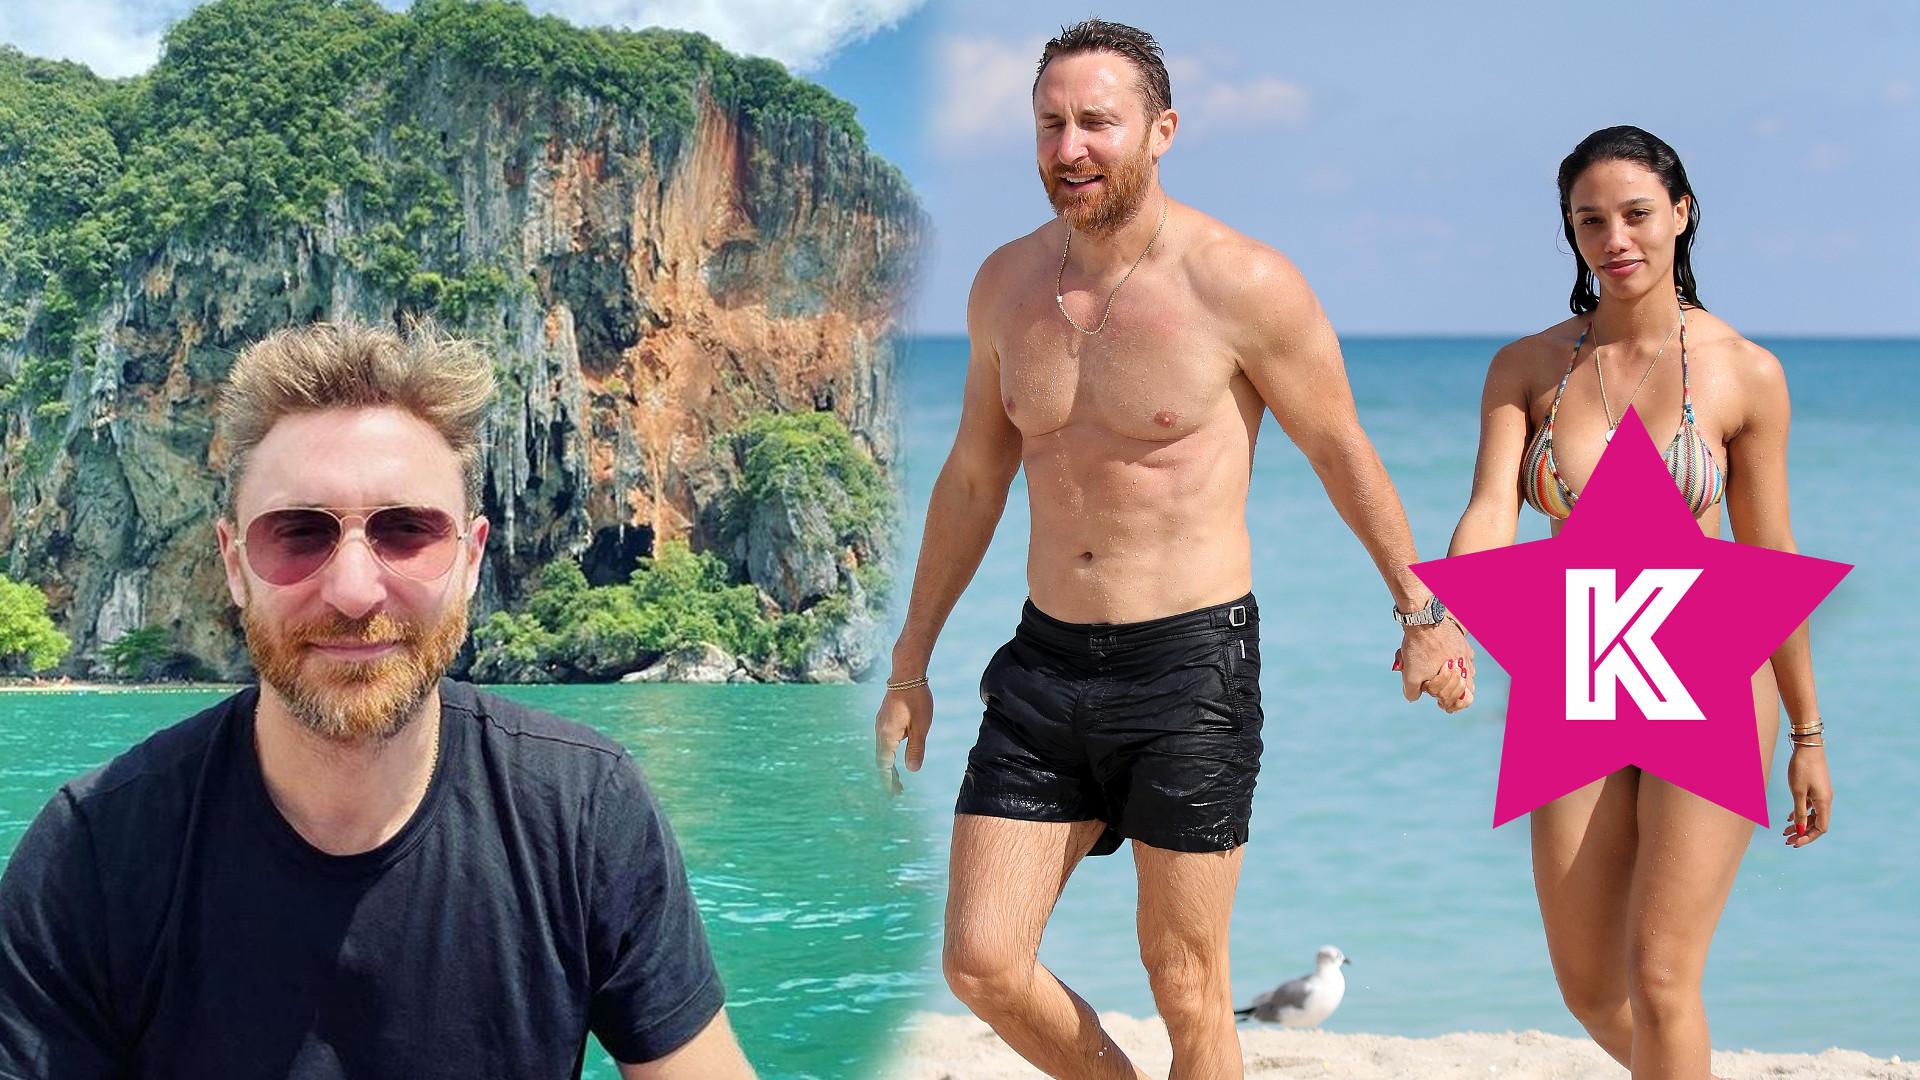 David Guetta z miłością na wakacjach. Jego dziewczyna ma lepsze mięśnie brzucha niż on! (FOTO)